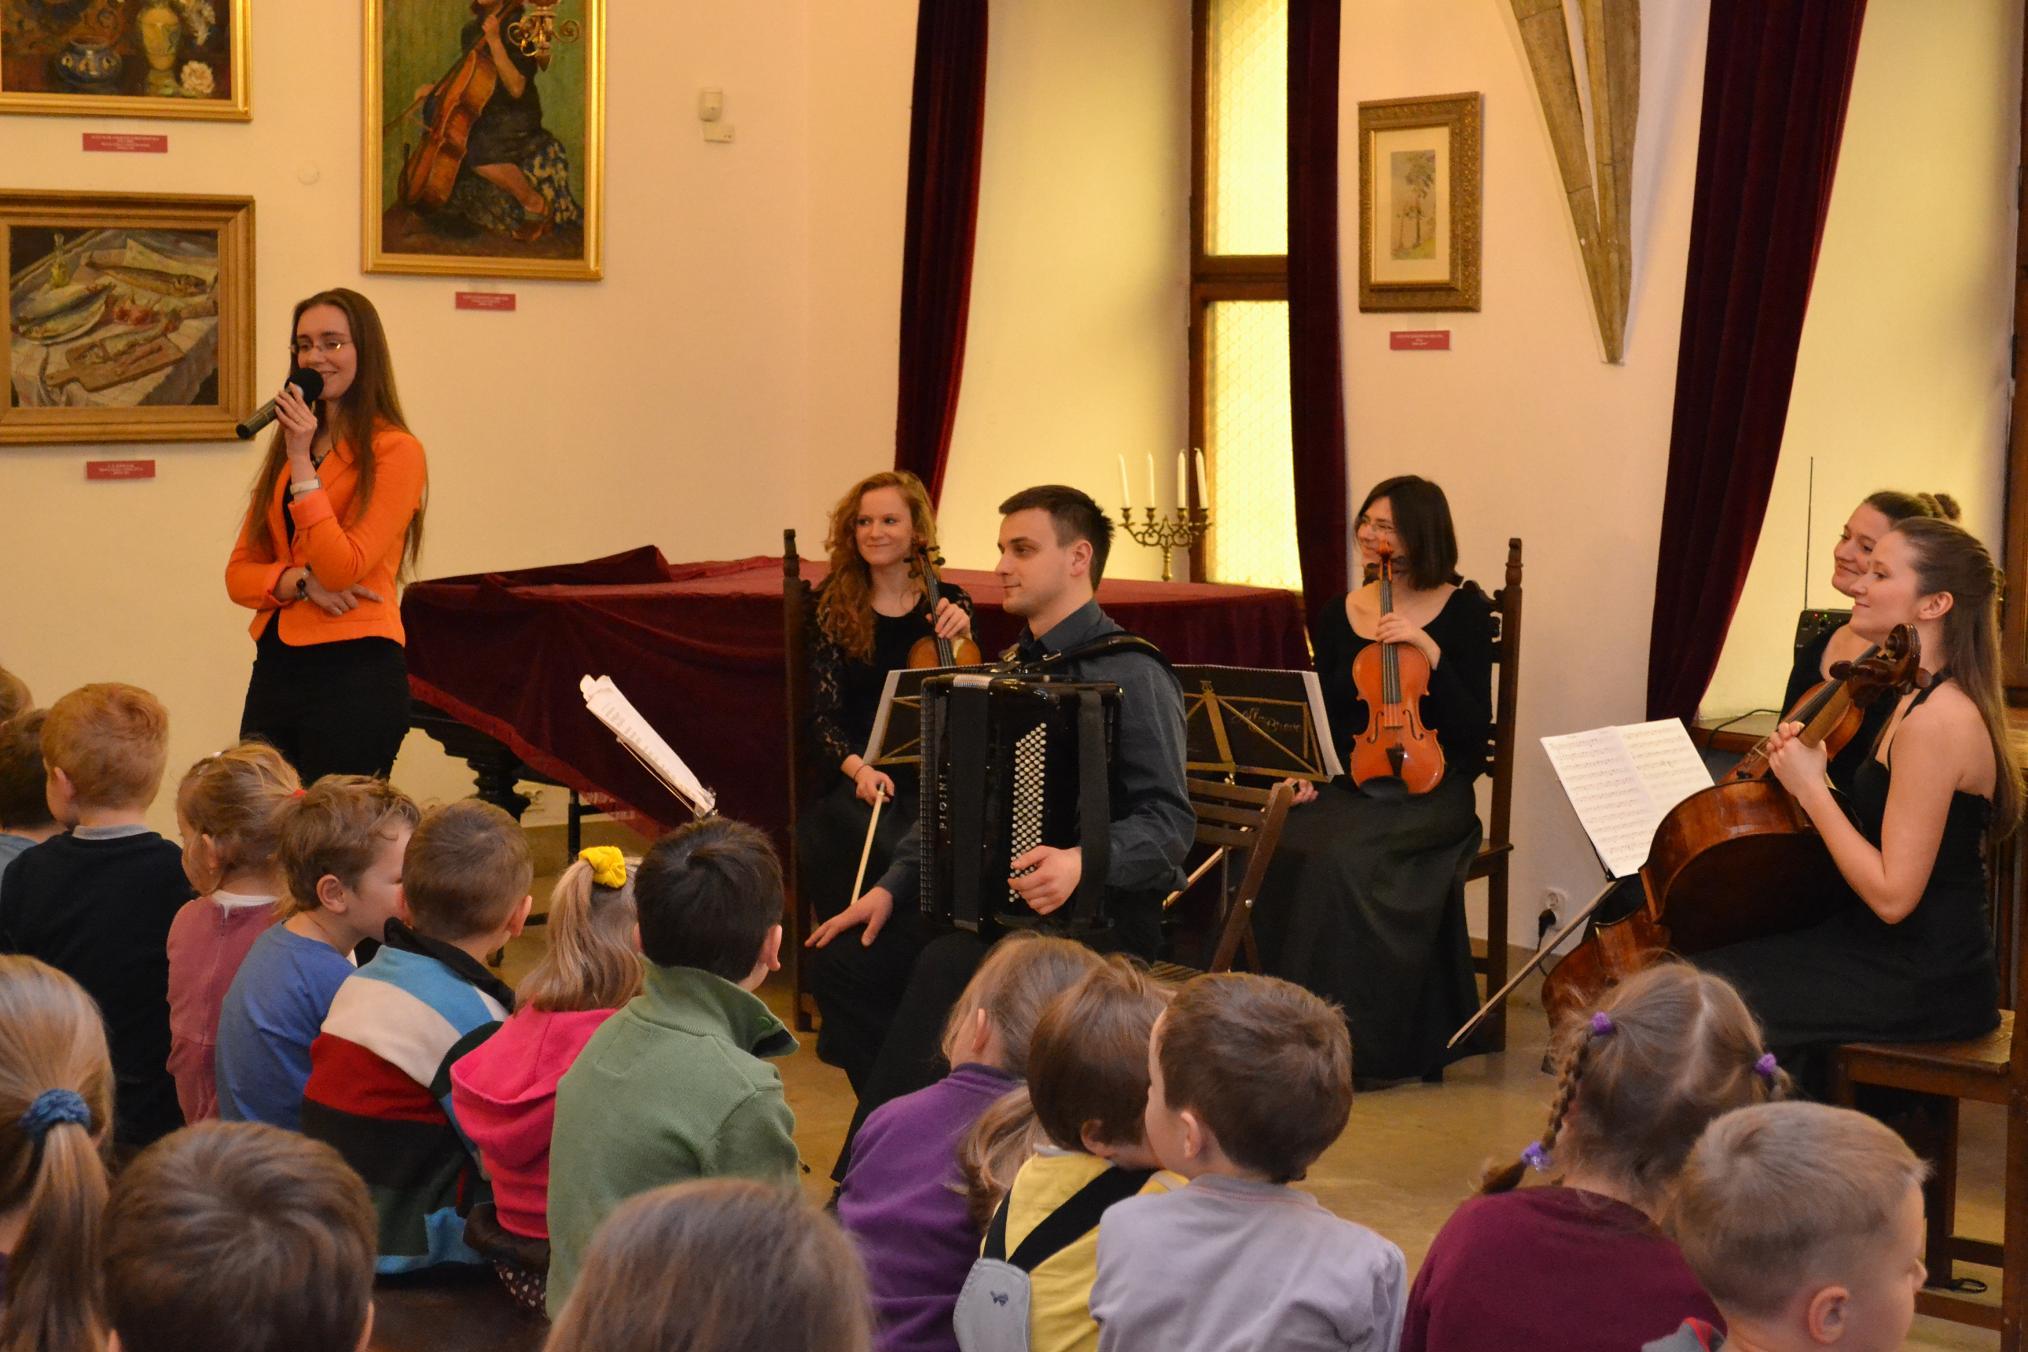 Koncert dla dzieci: Uwertura czyli wielkie otwarcie